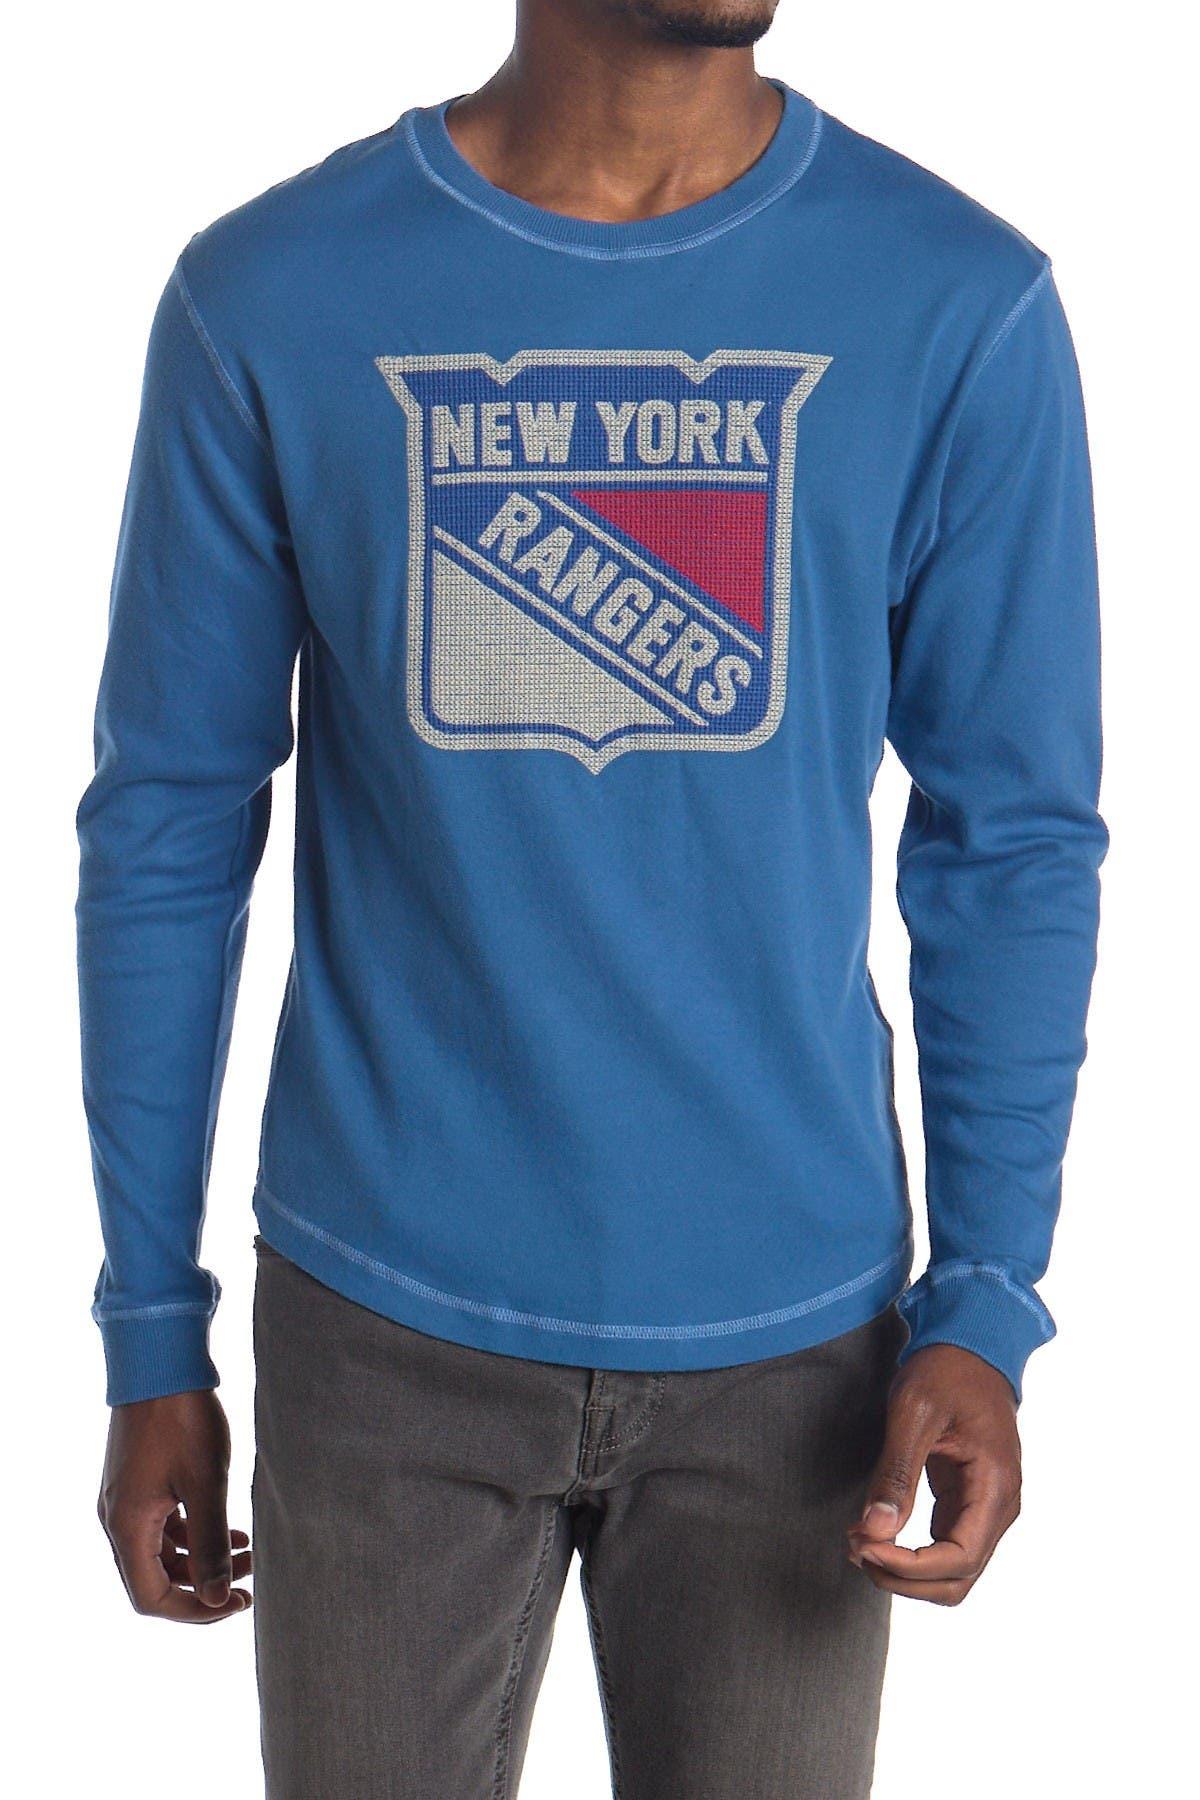 Image of American Needle NHL NY Rangers Long Sleeve Fleece